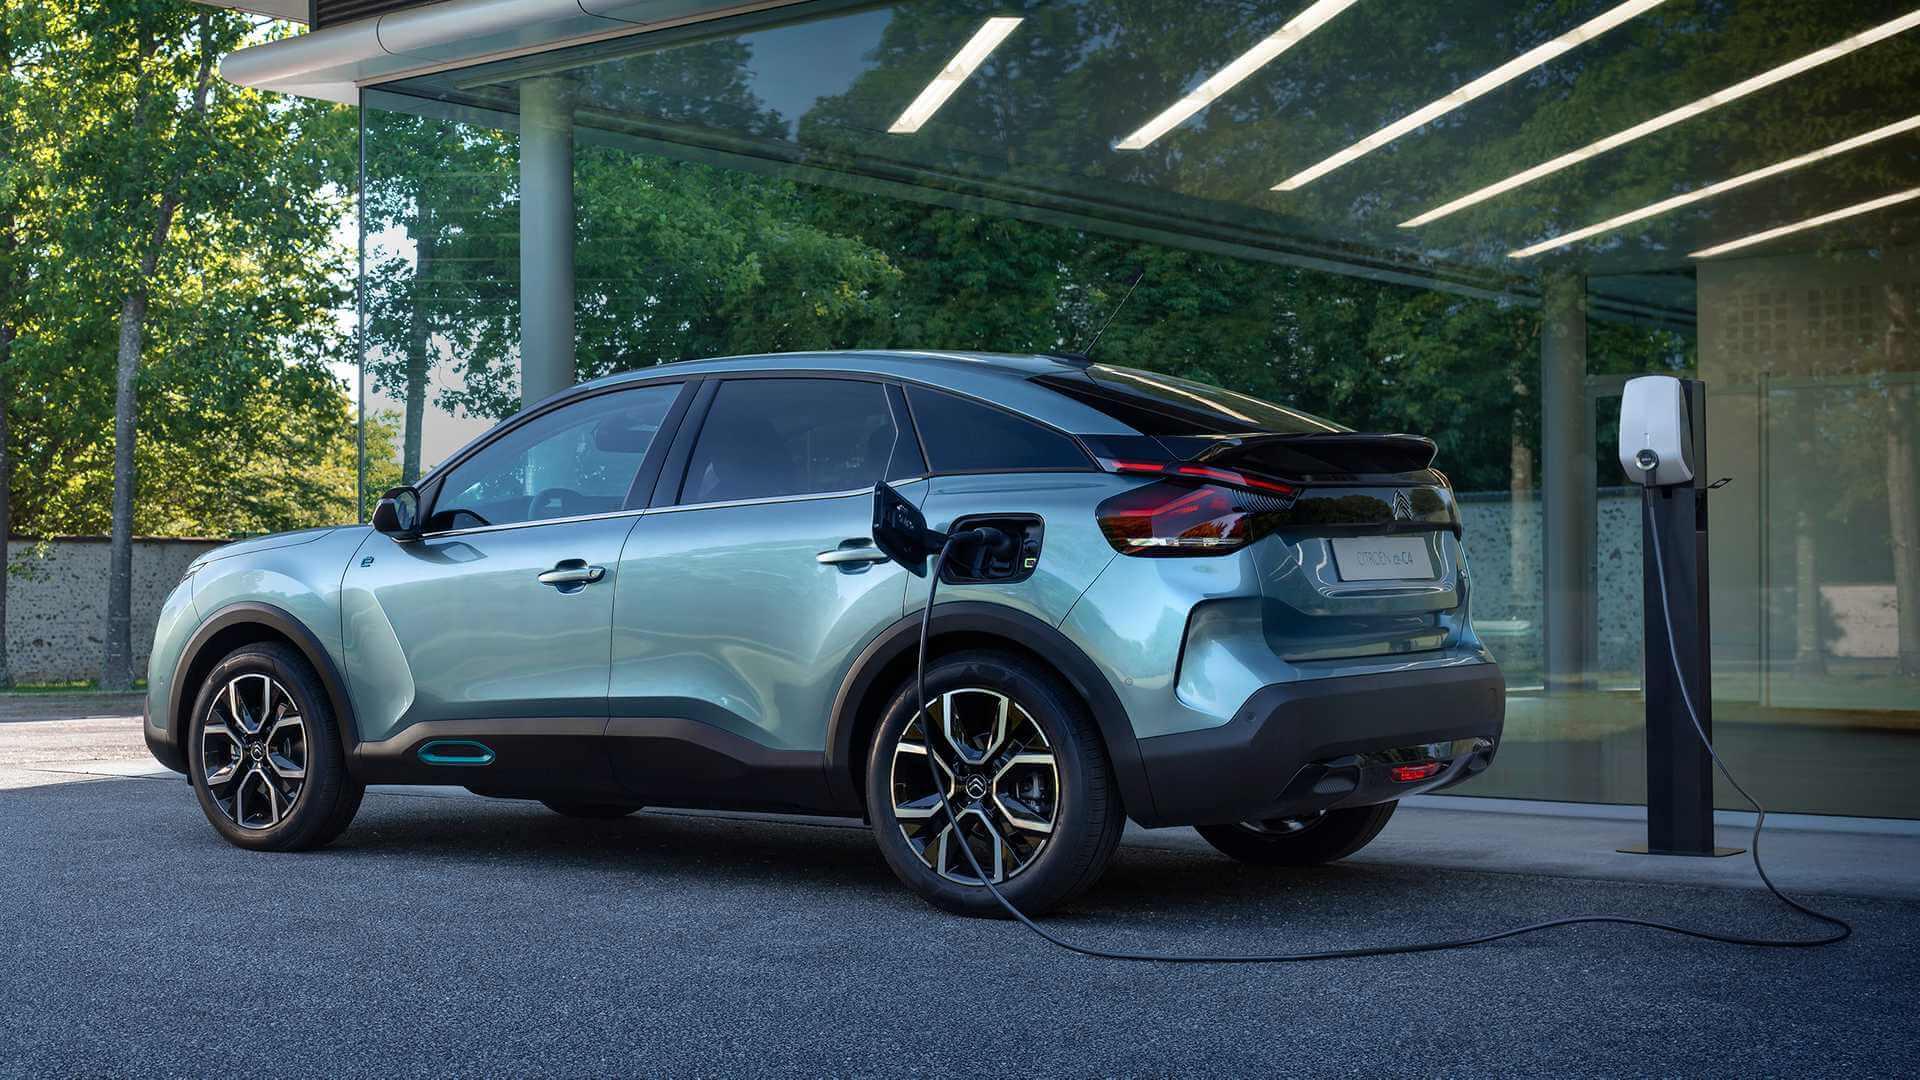 Кардинальная смена образа: фото электрической версии Citroën С4